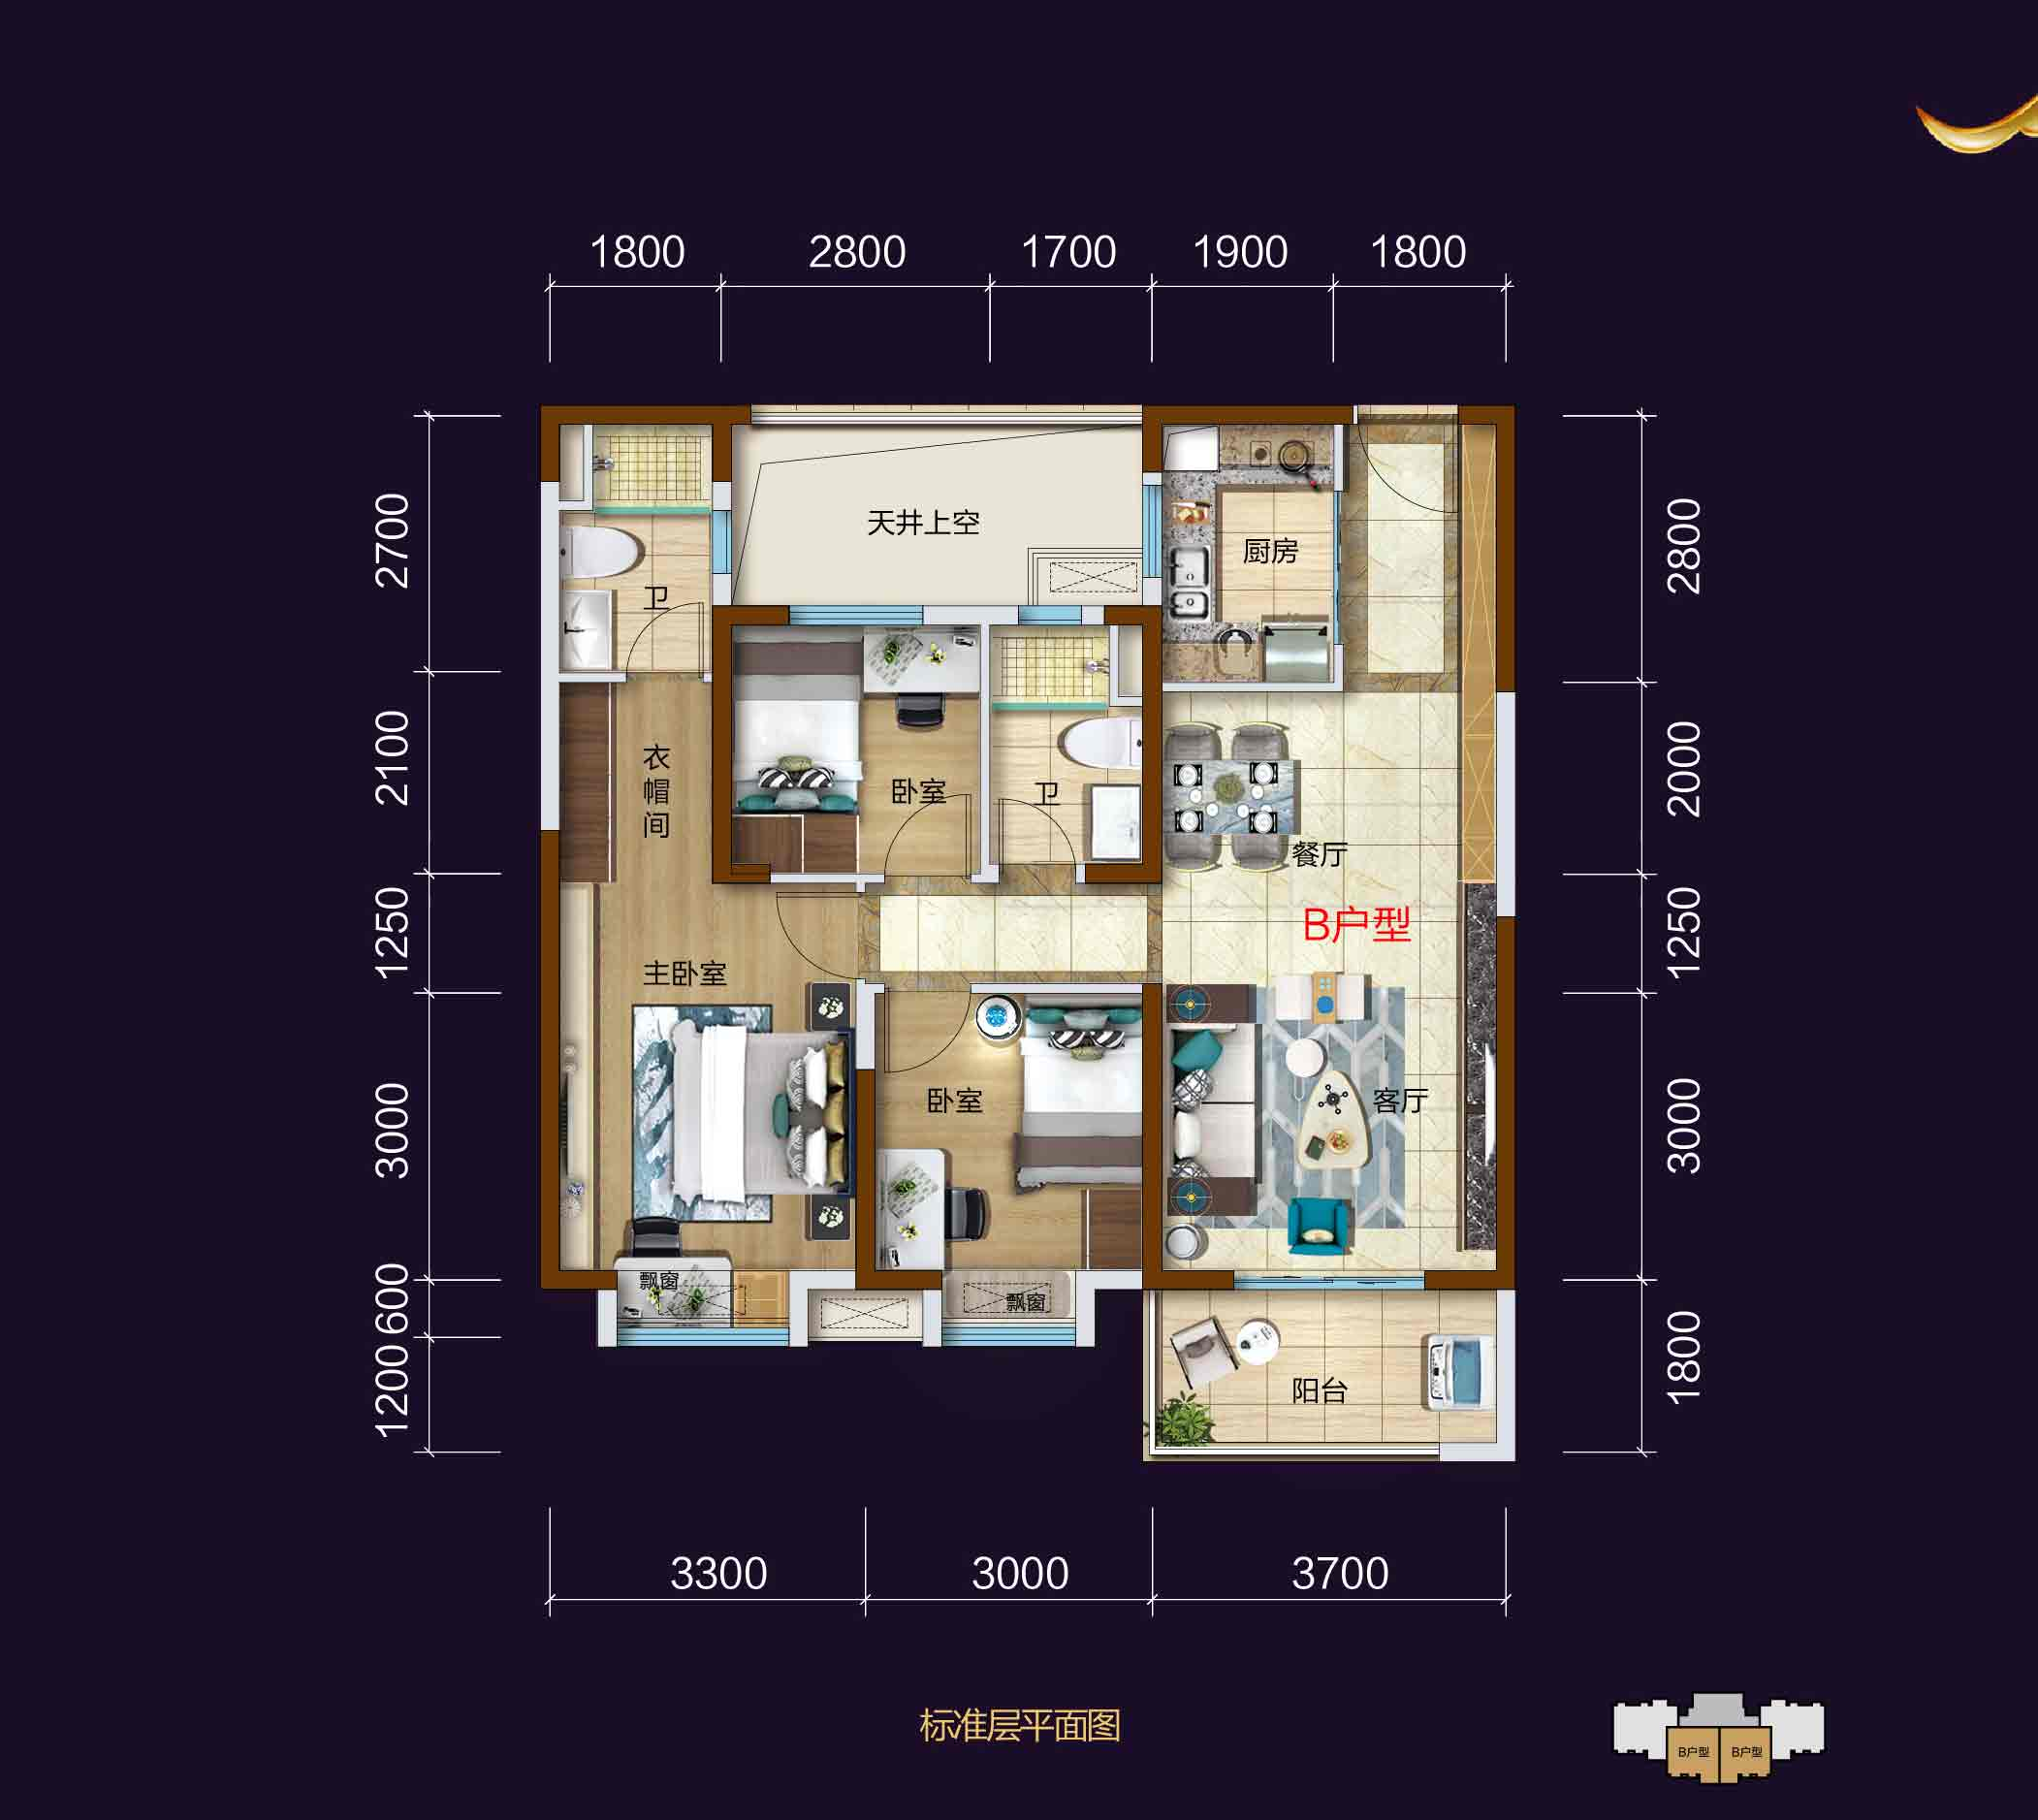 长阳碧桂园长阳碧桂园户型图-3室2厅户型图